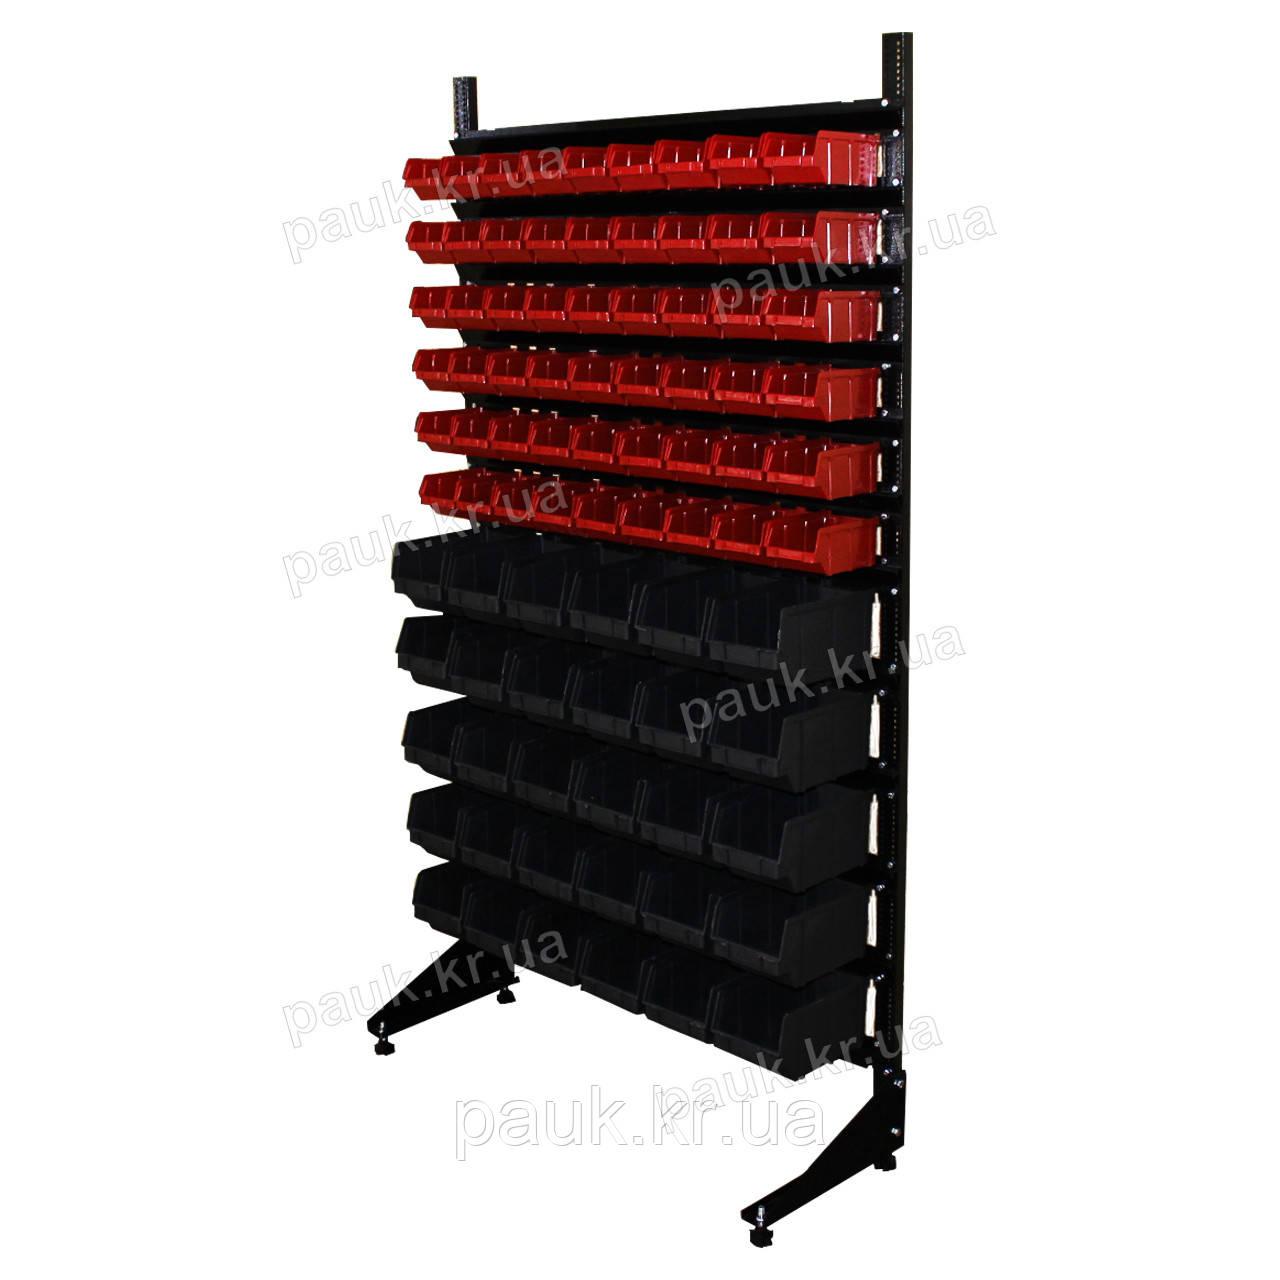 Стеллаж для инструментов и деталей 1800 мм 84 ящика односторонний, цветные ящики П/С